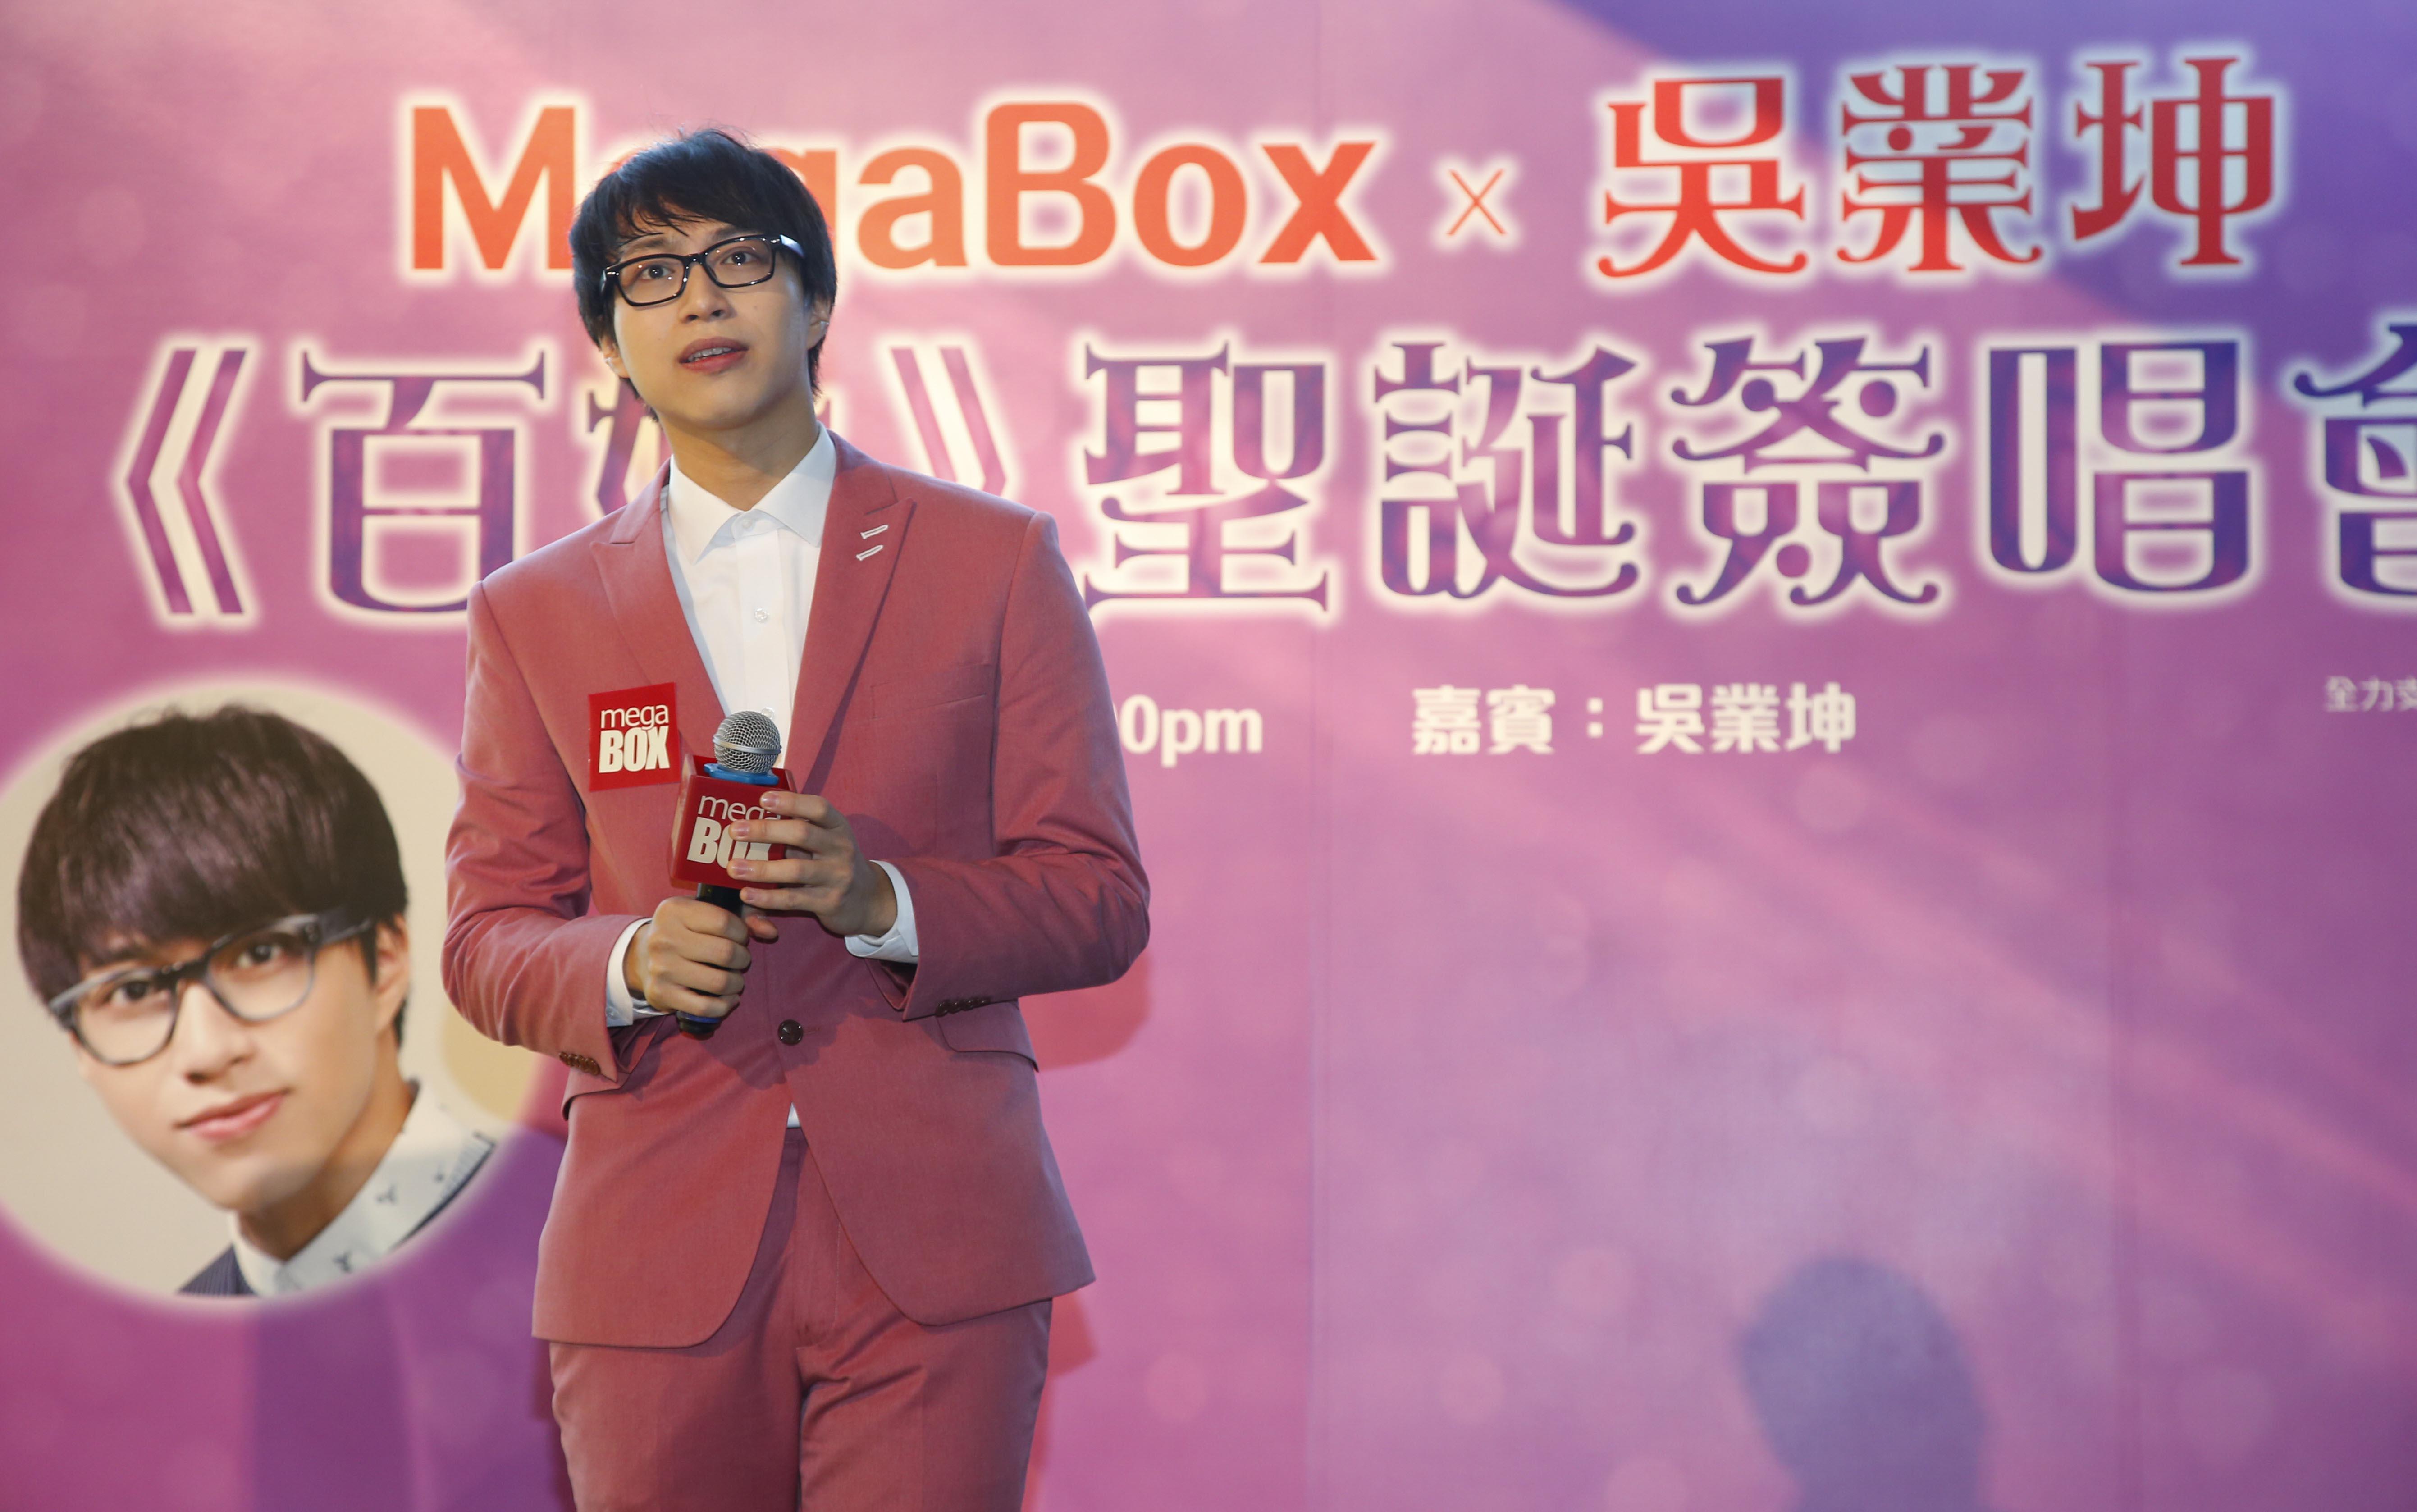 MegaBox x 吳業坤《百姓》聖誕簽唱會